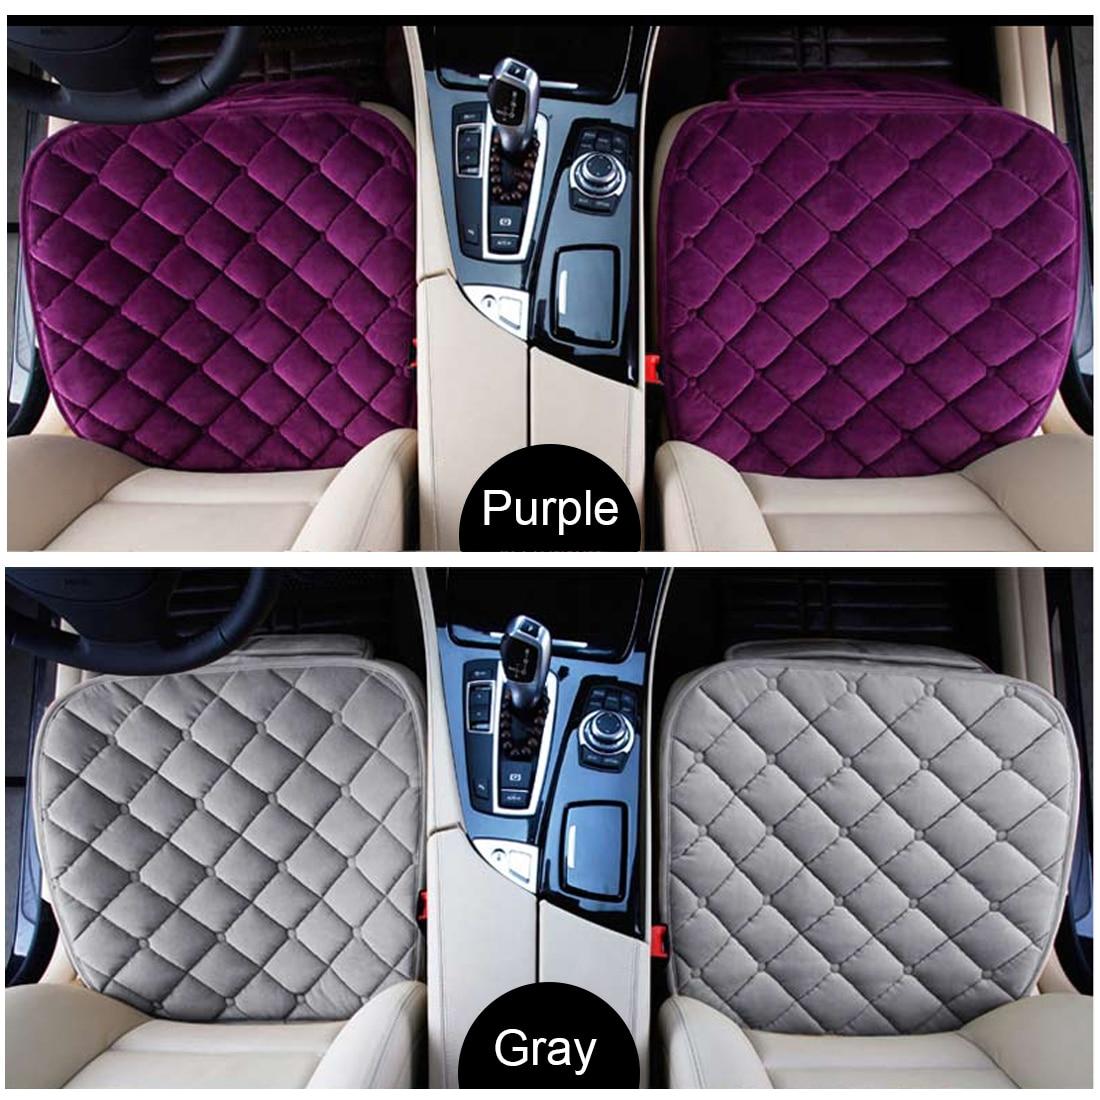 Dewtreetali зима Один бархат передние сиденья протектор кресло водителя Pad дышащие теплые подушки сиденья автомобиля аксессуары